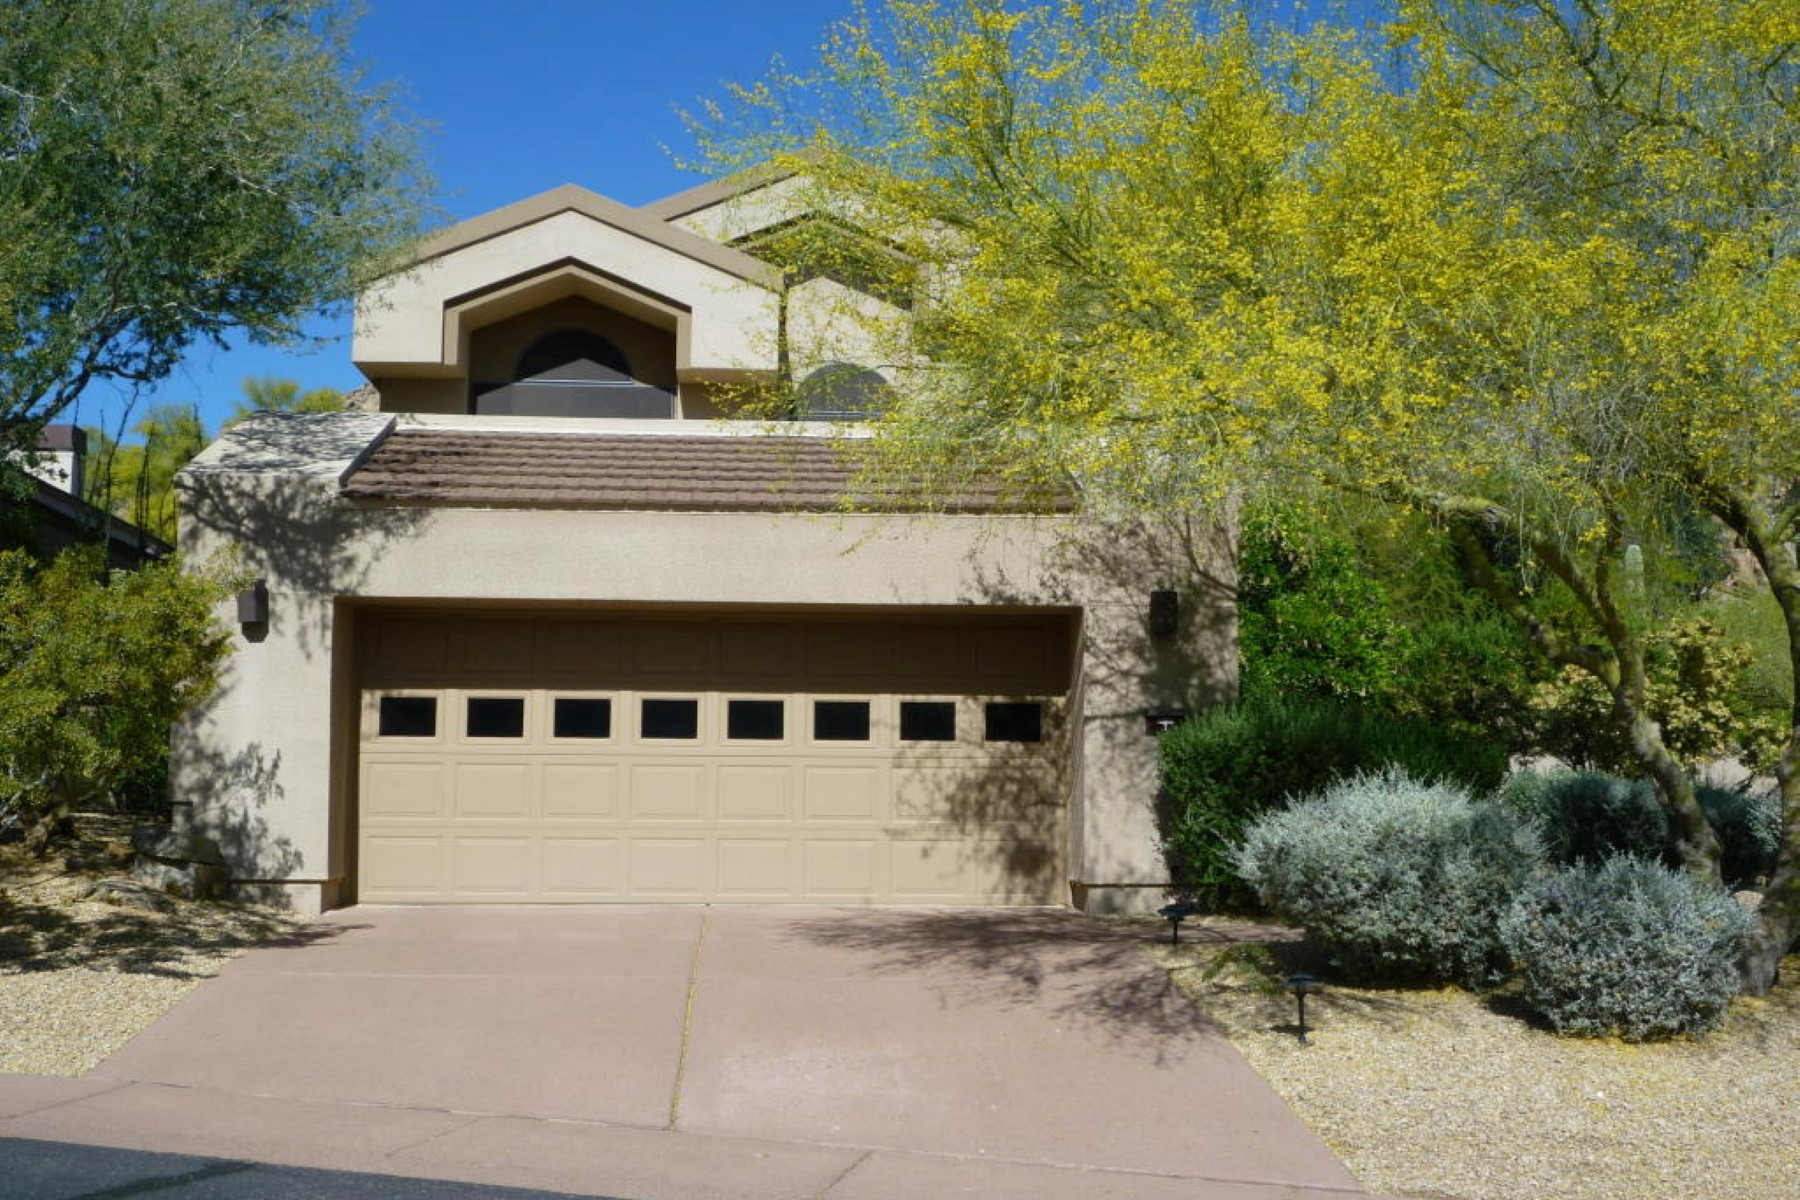 Maison unifamiliale pour l Vente à Fantastic upgraded three bedroom with 3.5 baths. 25150 N Windy Walk DR #7 Scottsdale, Arizona 85255 États-Unis